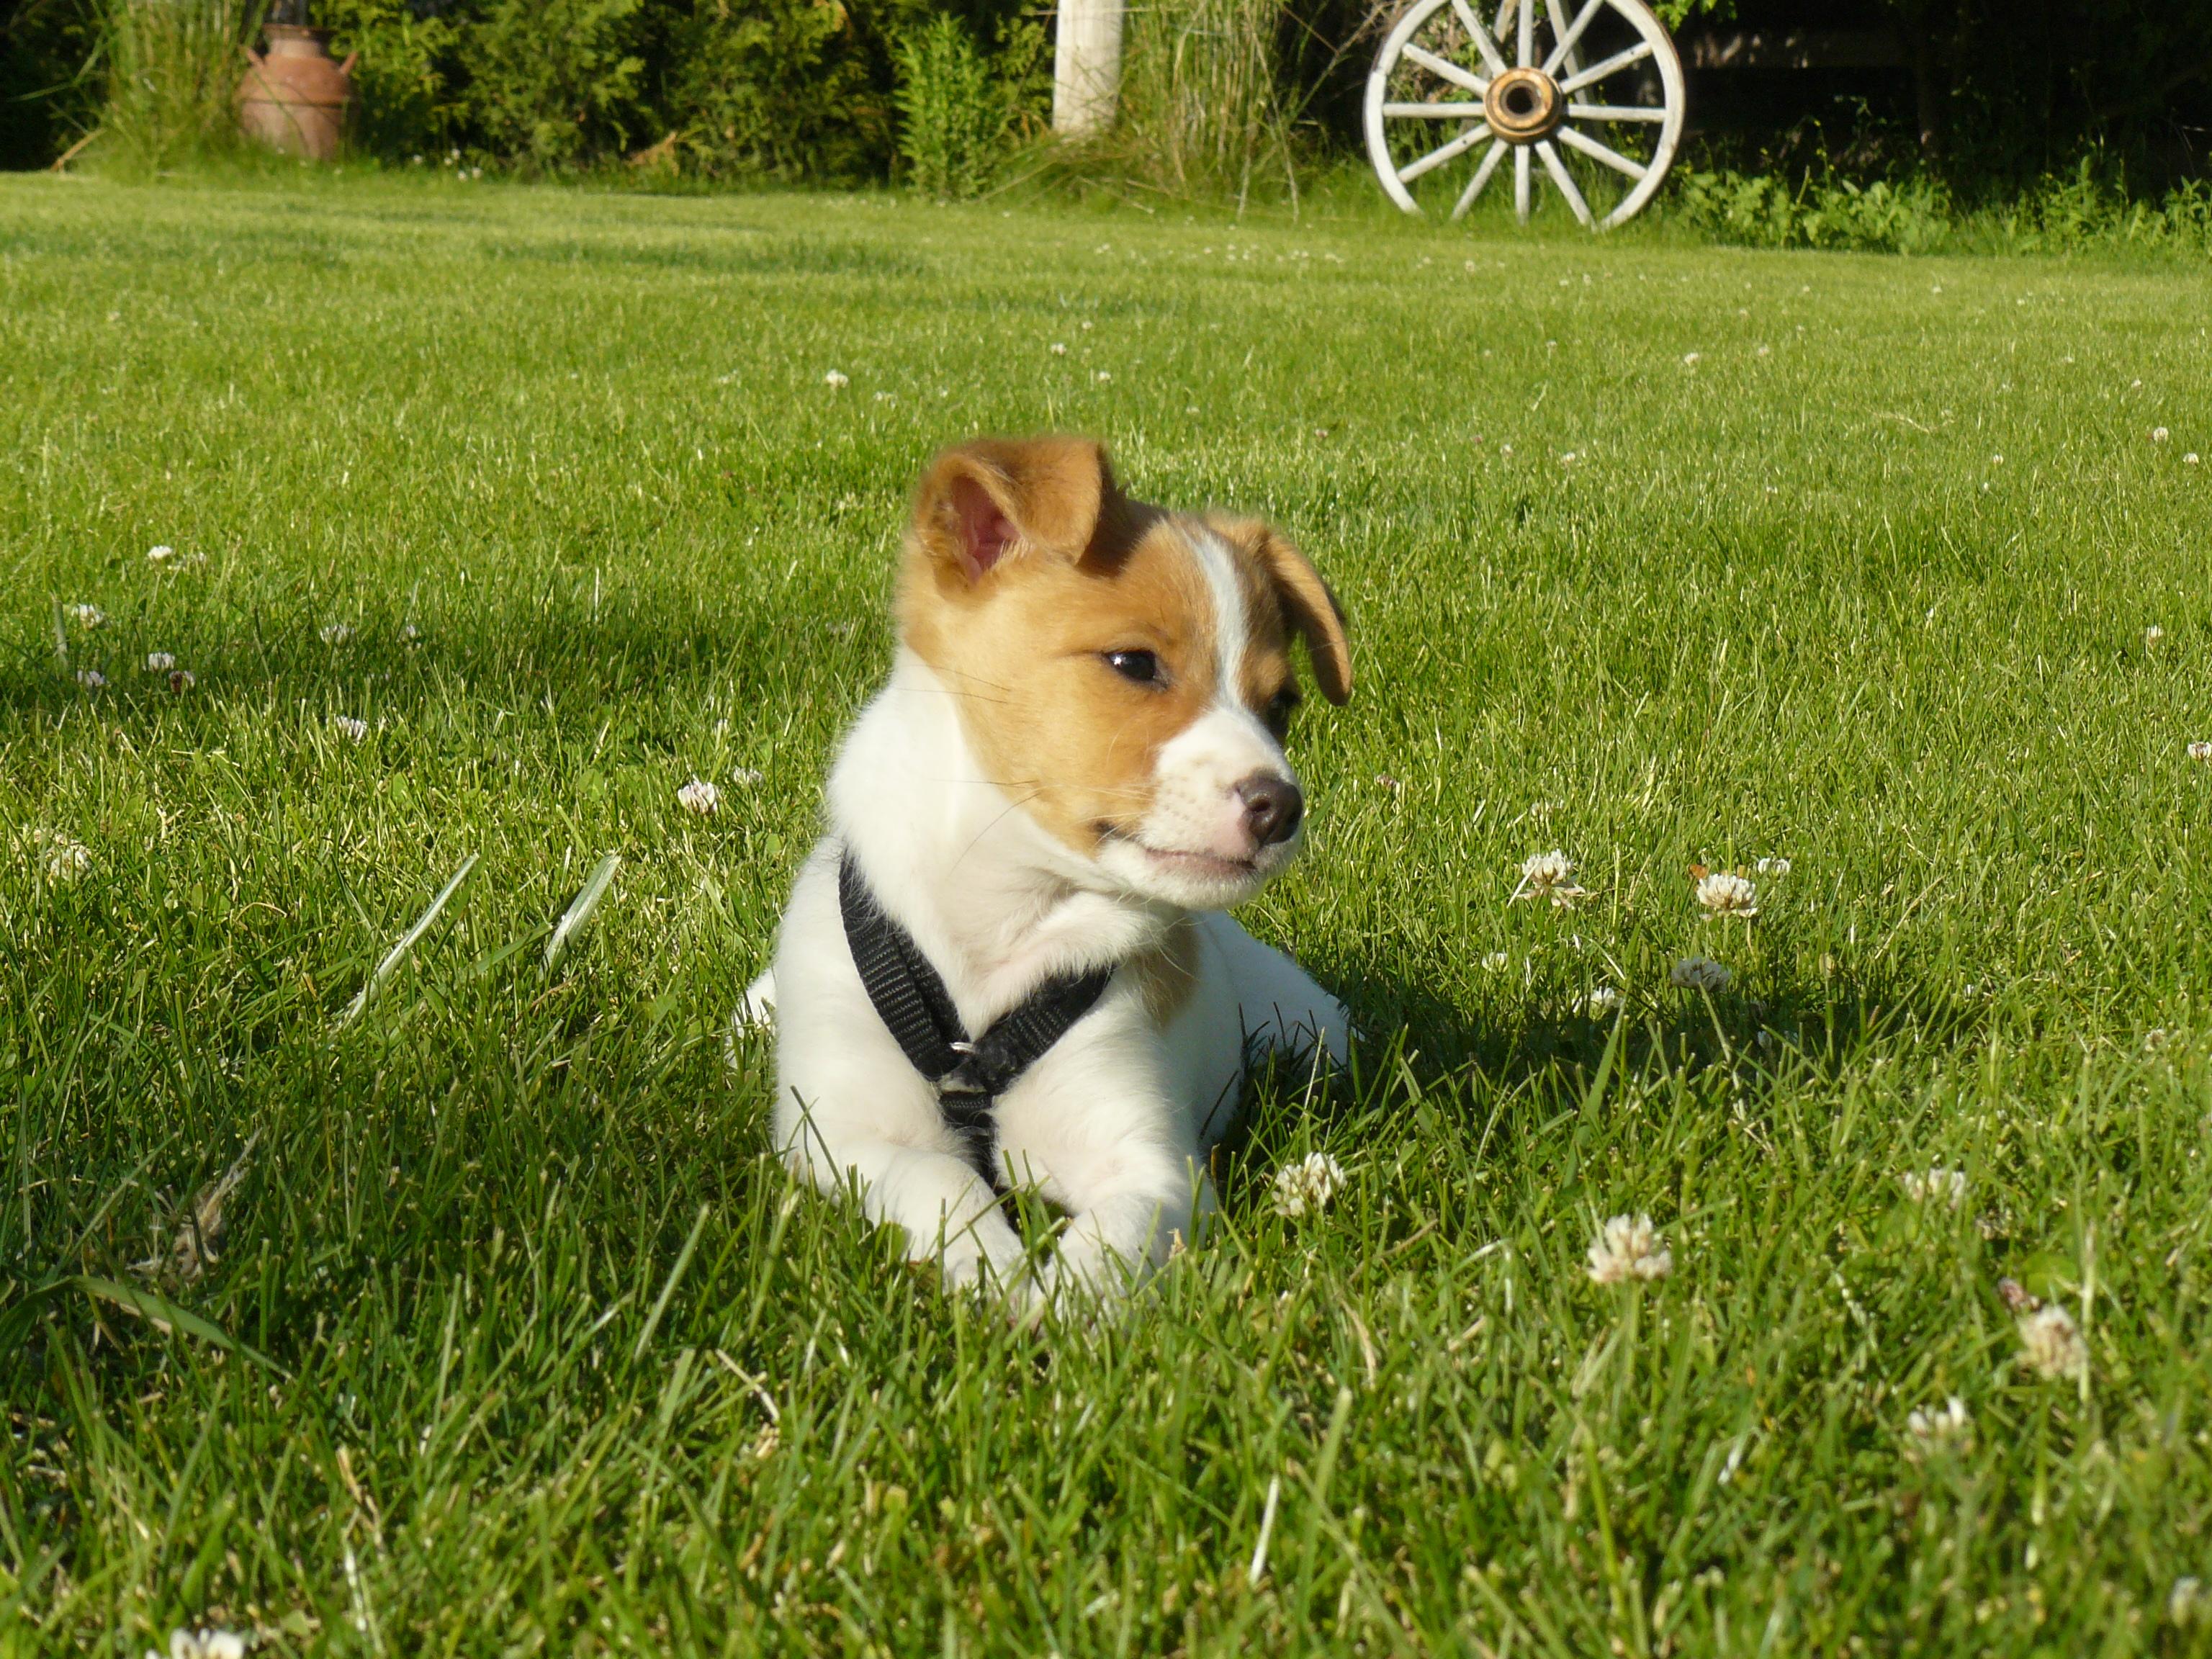 Killer Kola in the grass